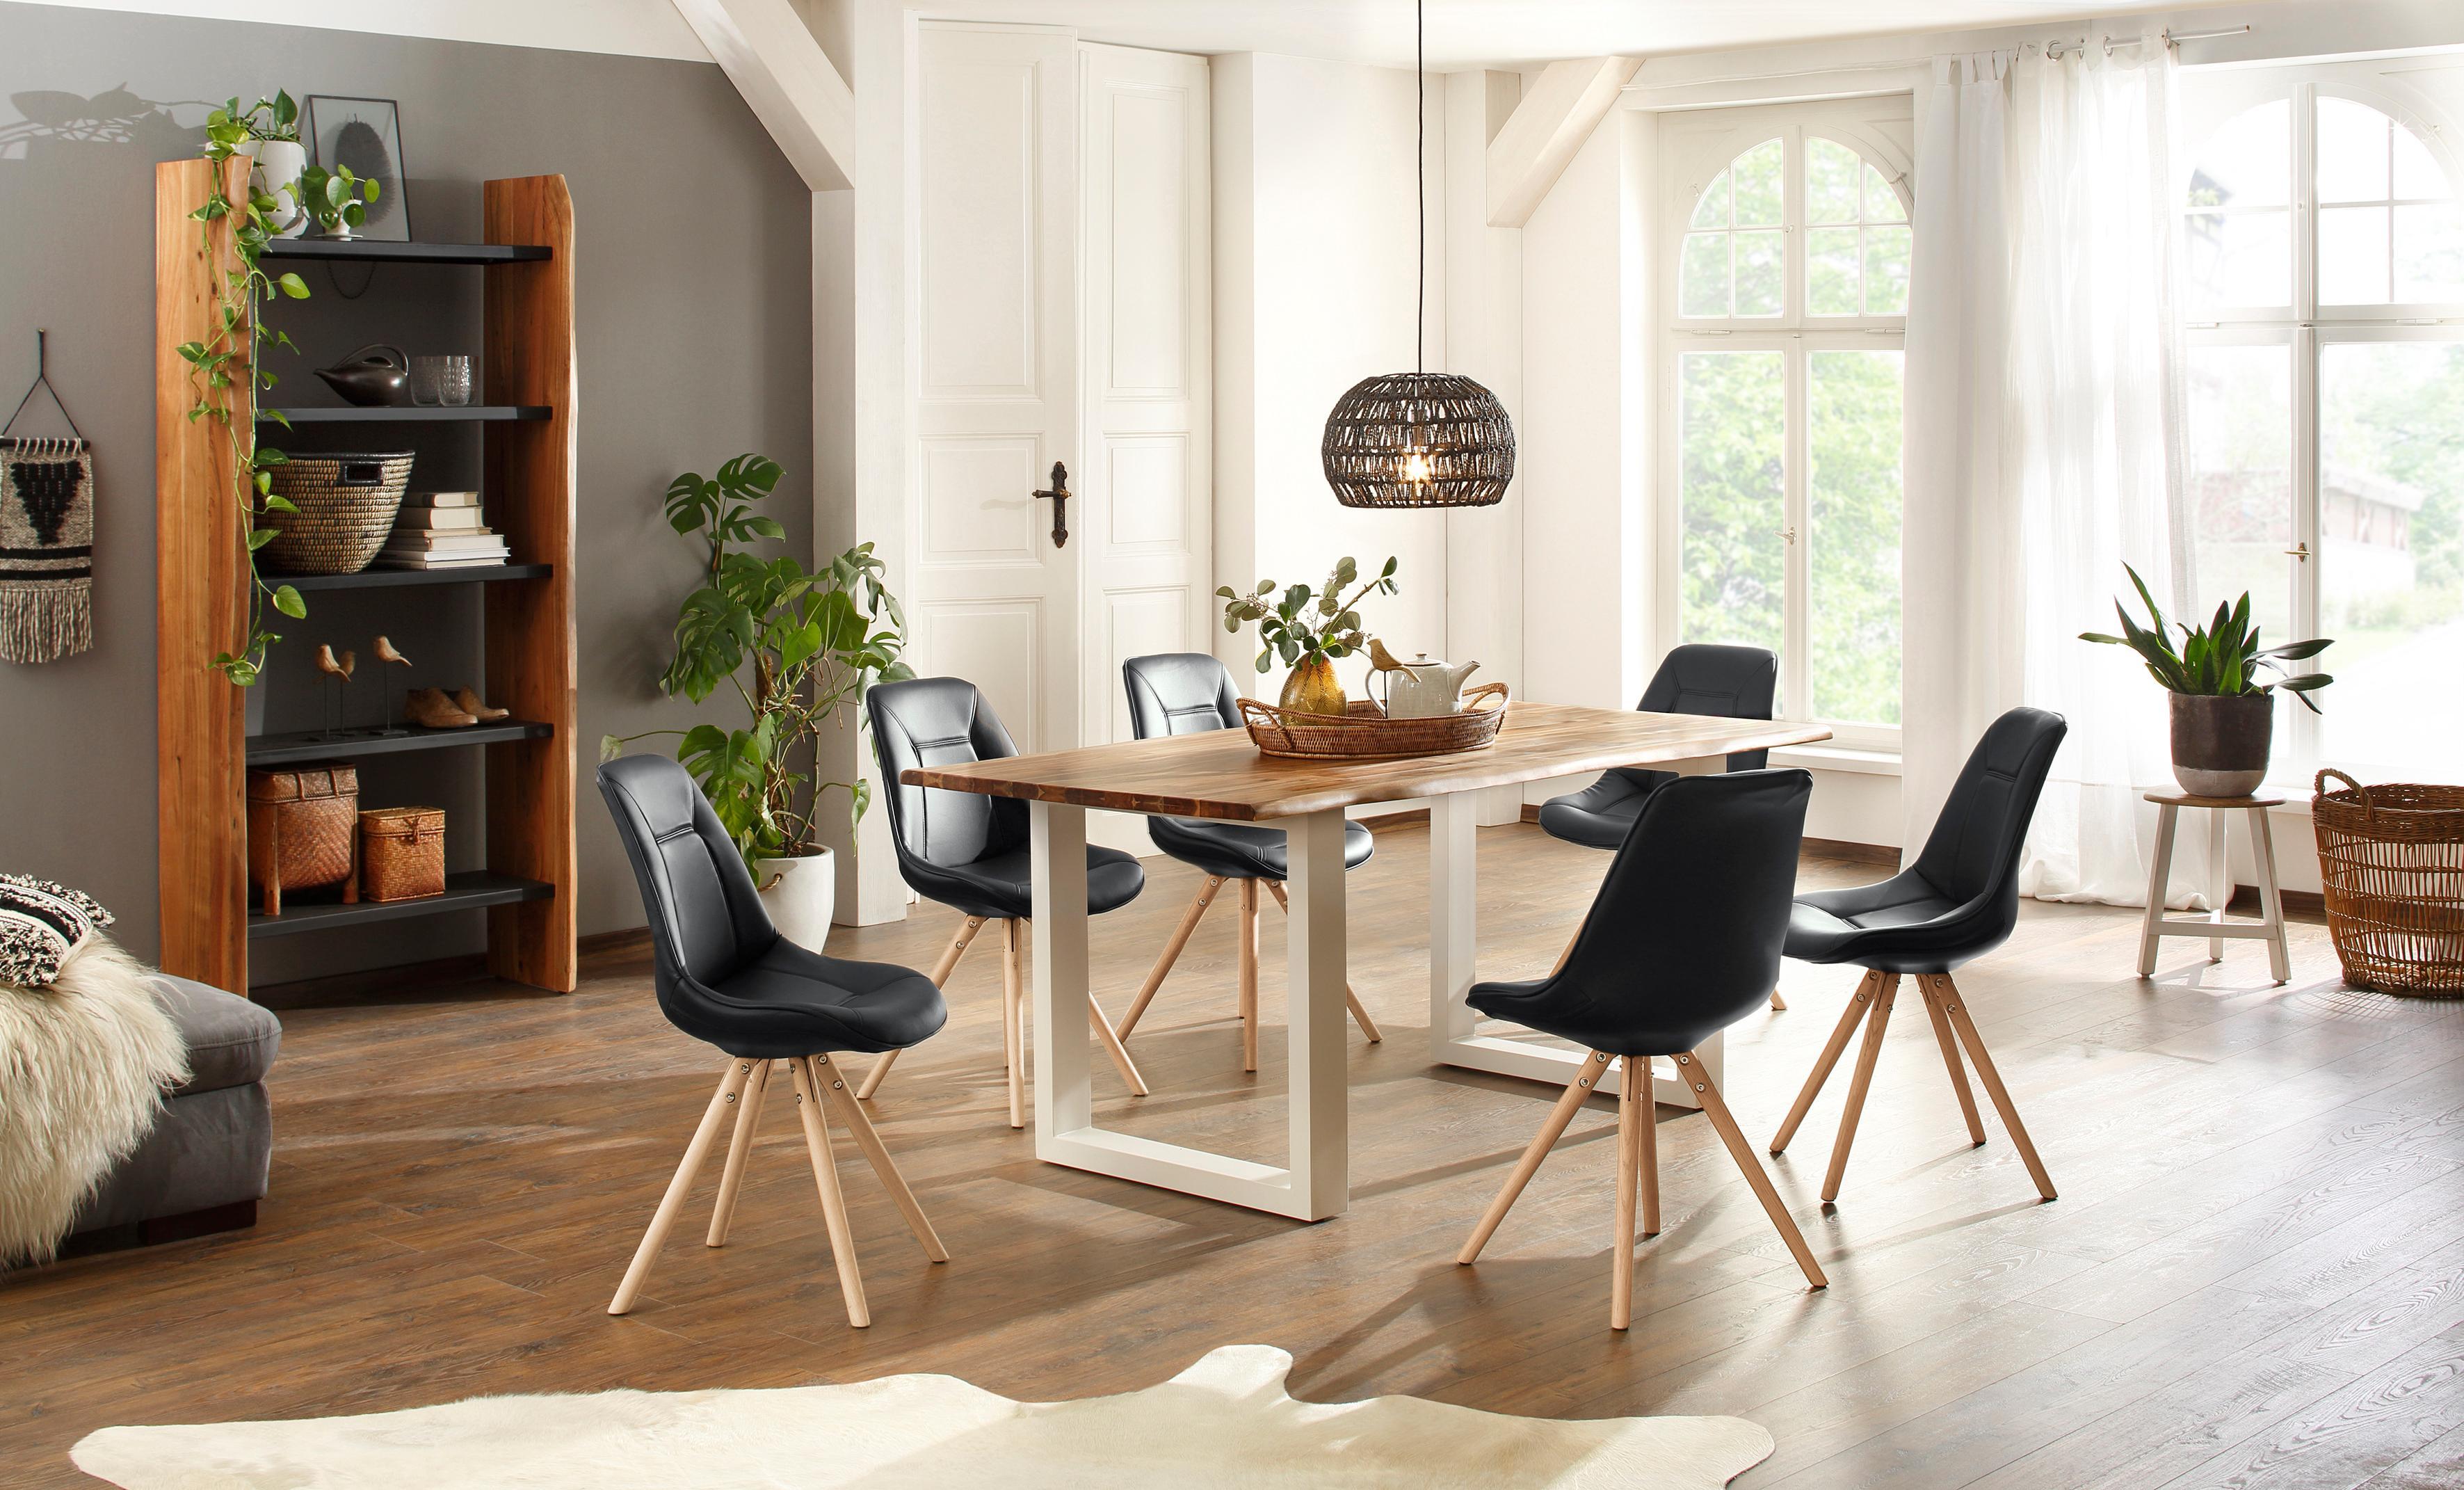 Home affaire Essgruppenset Tunis (7-tlg) bestehend aus dem Esstisch Melody und sechs Stühlen Maitland